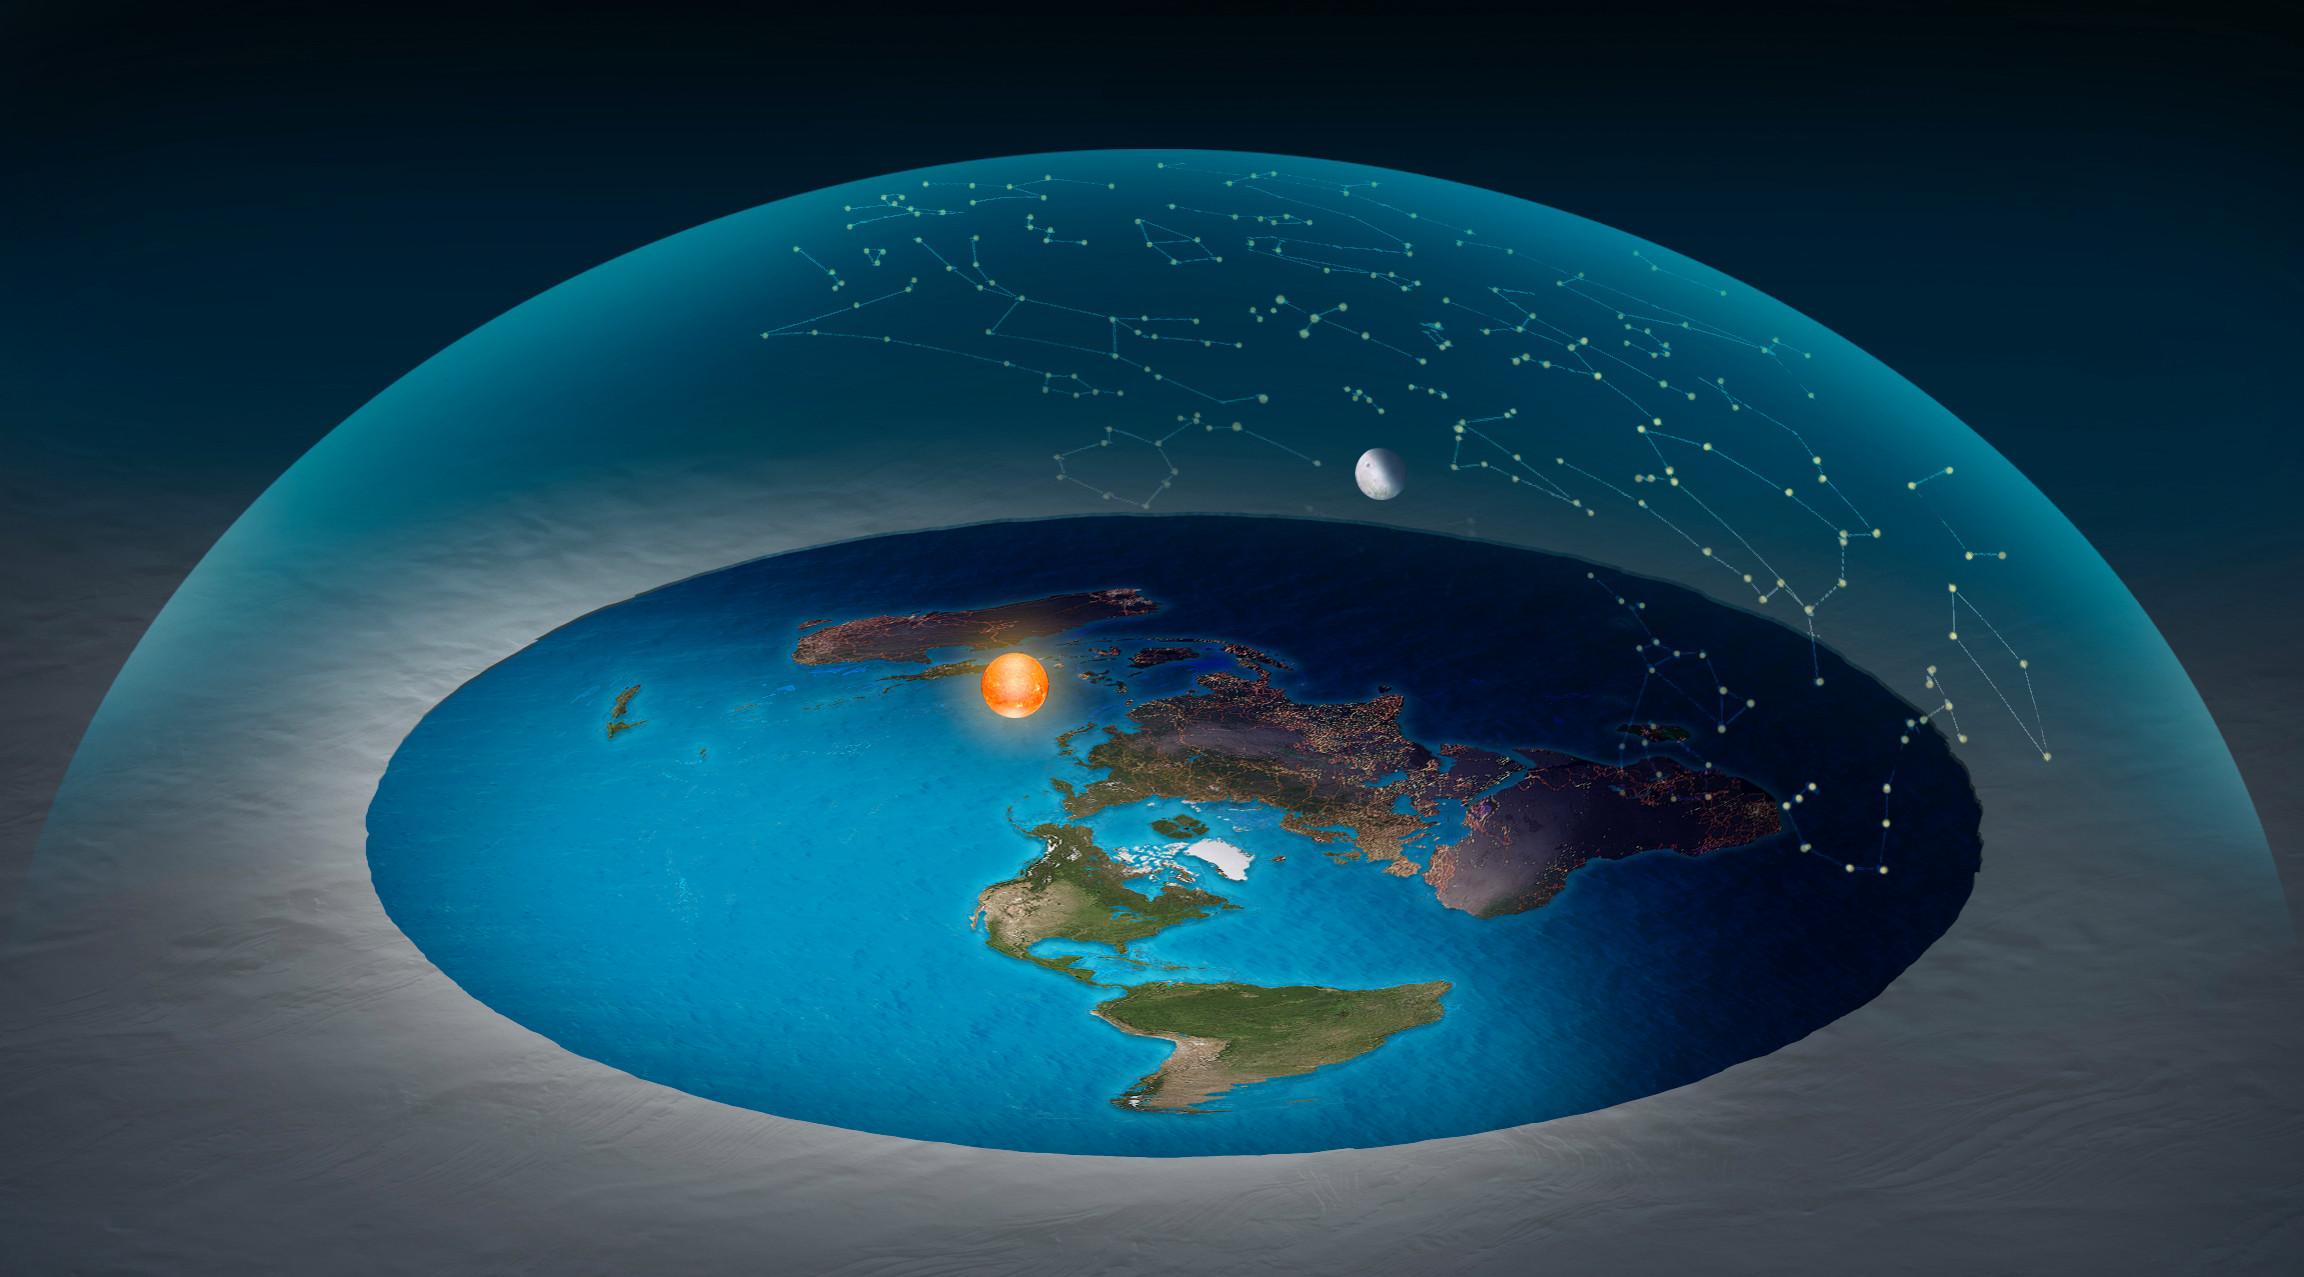 ماذا لو كانت الأرض مسطحة ؟ - حقيقة كروية الأرض منذ آلاف السنين - مجتمع الأرض المسطحة - إنكار حقيقة أن الأرض كروية الشكل - تسطح الأرض